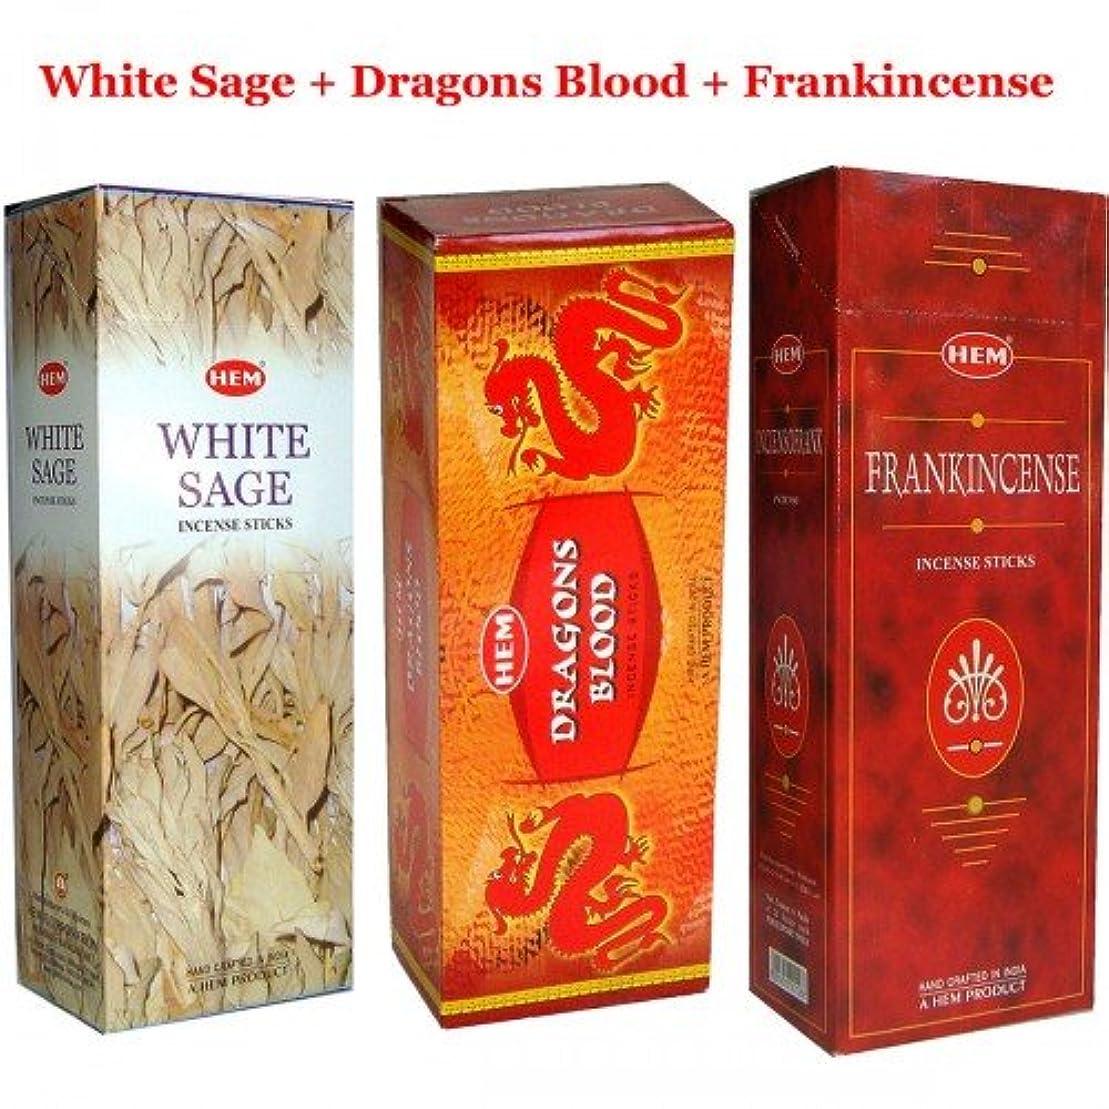 劣る本物の最大バルク360 Sticks Hemホワイトセージ、Frankincense、ドラゴンブラッド香、3ボックス – (360 Sticksバルクper order)